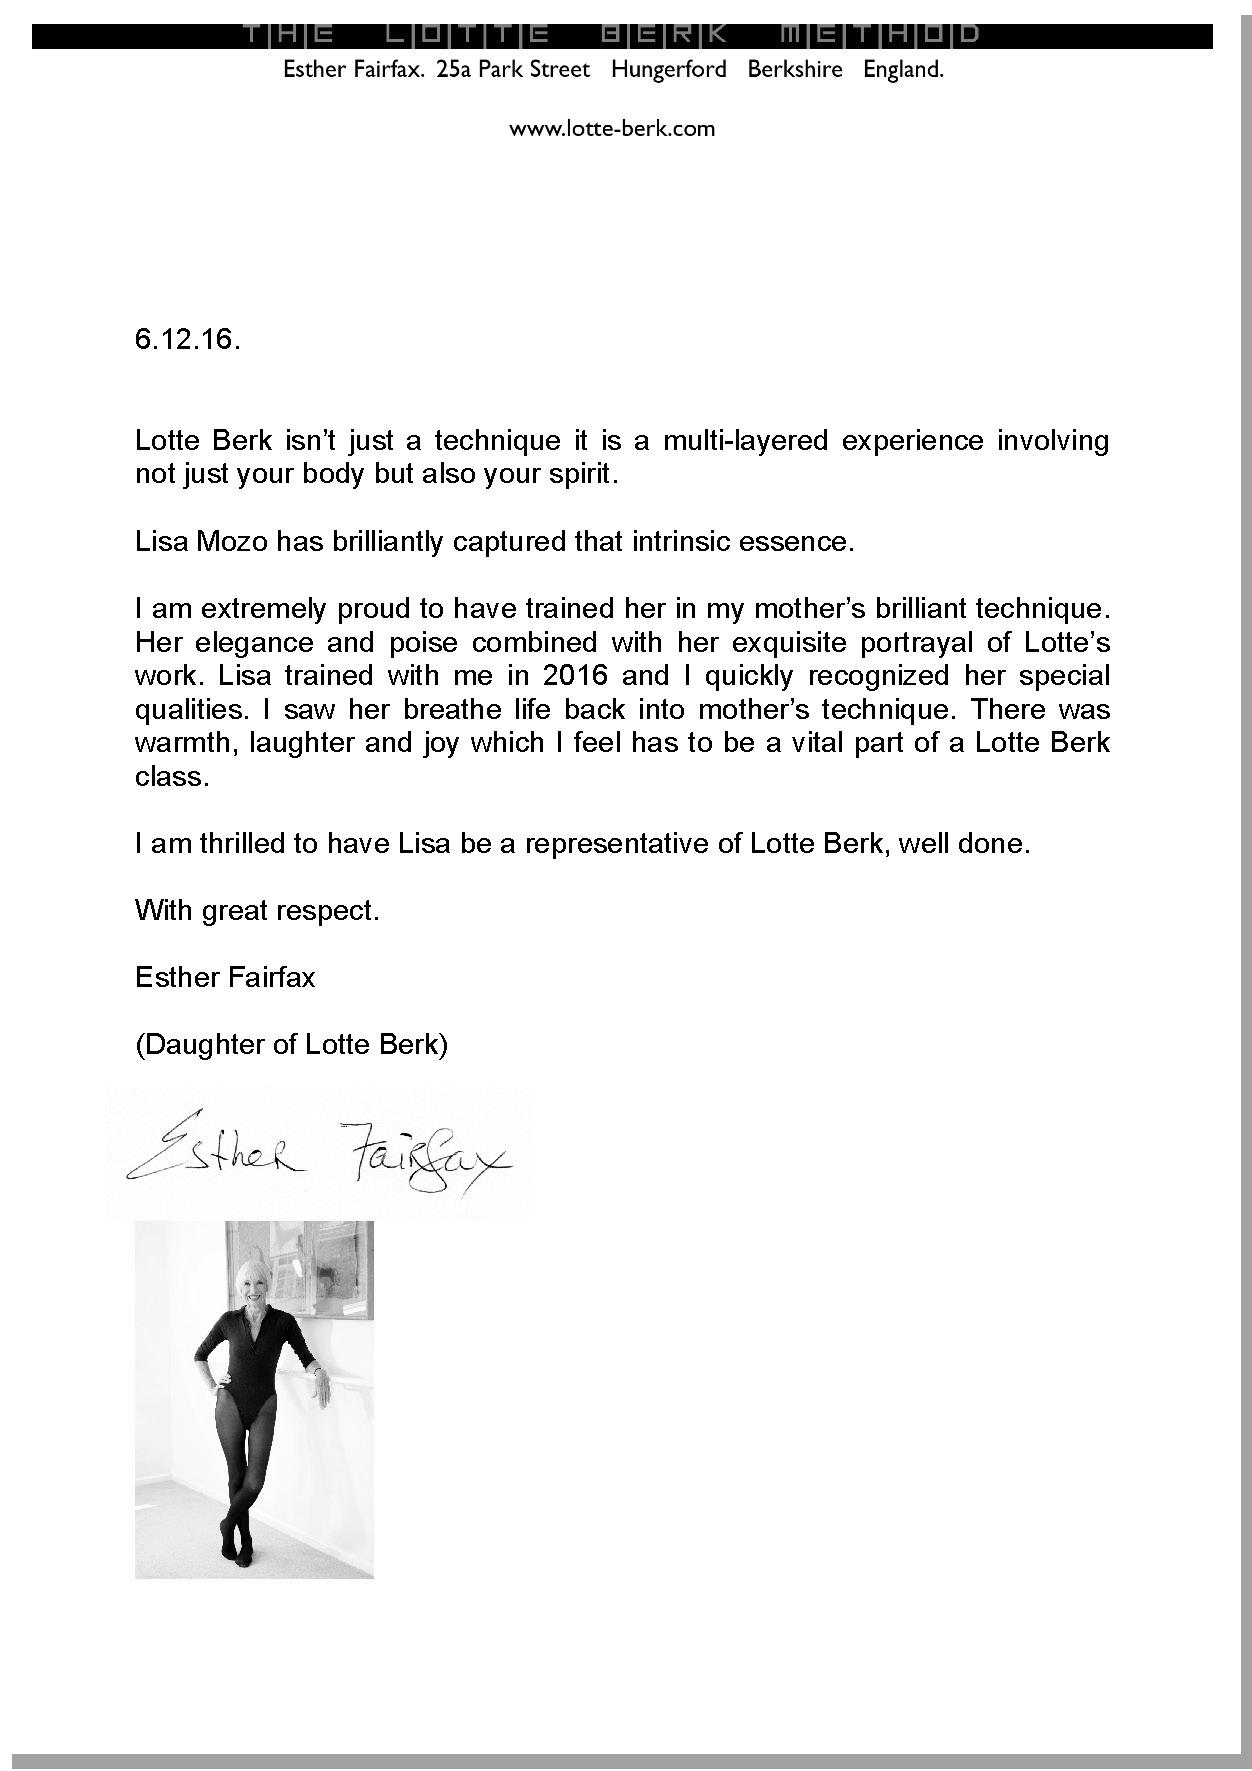 LB-Esther letter.jpg